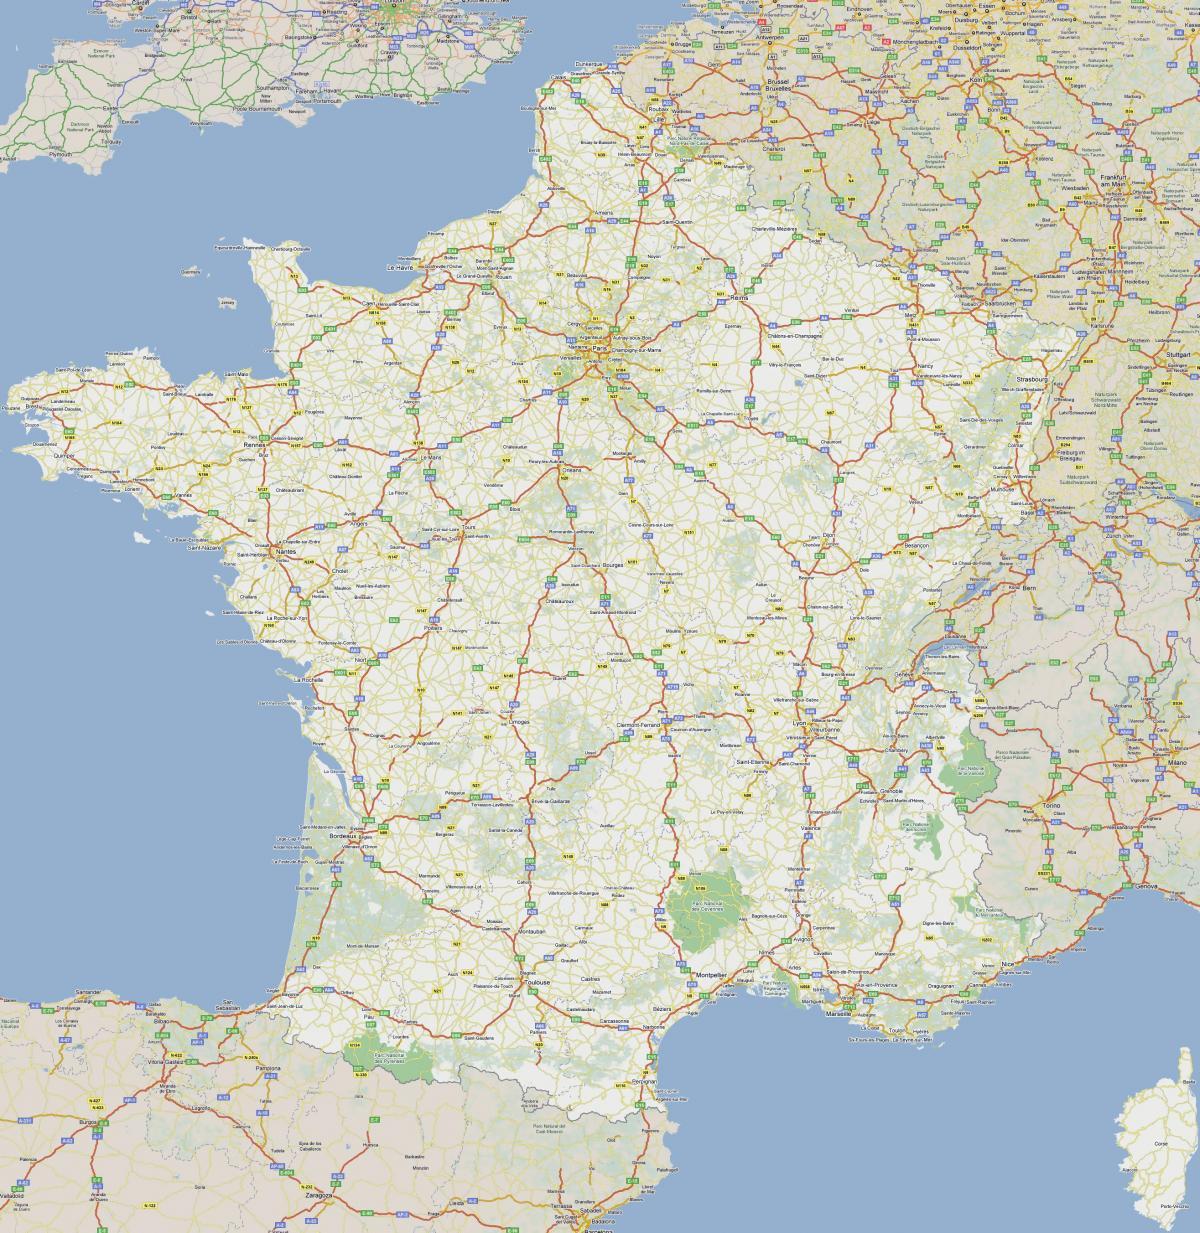 Karta Cesta S Naplatom Cestarine U Francuskoj Francuska Karta